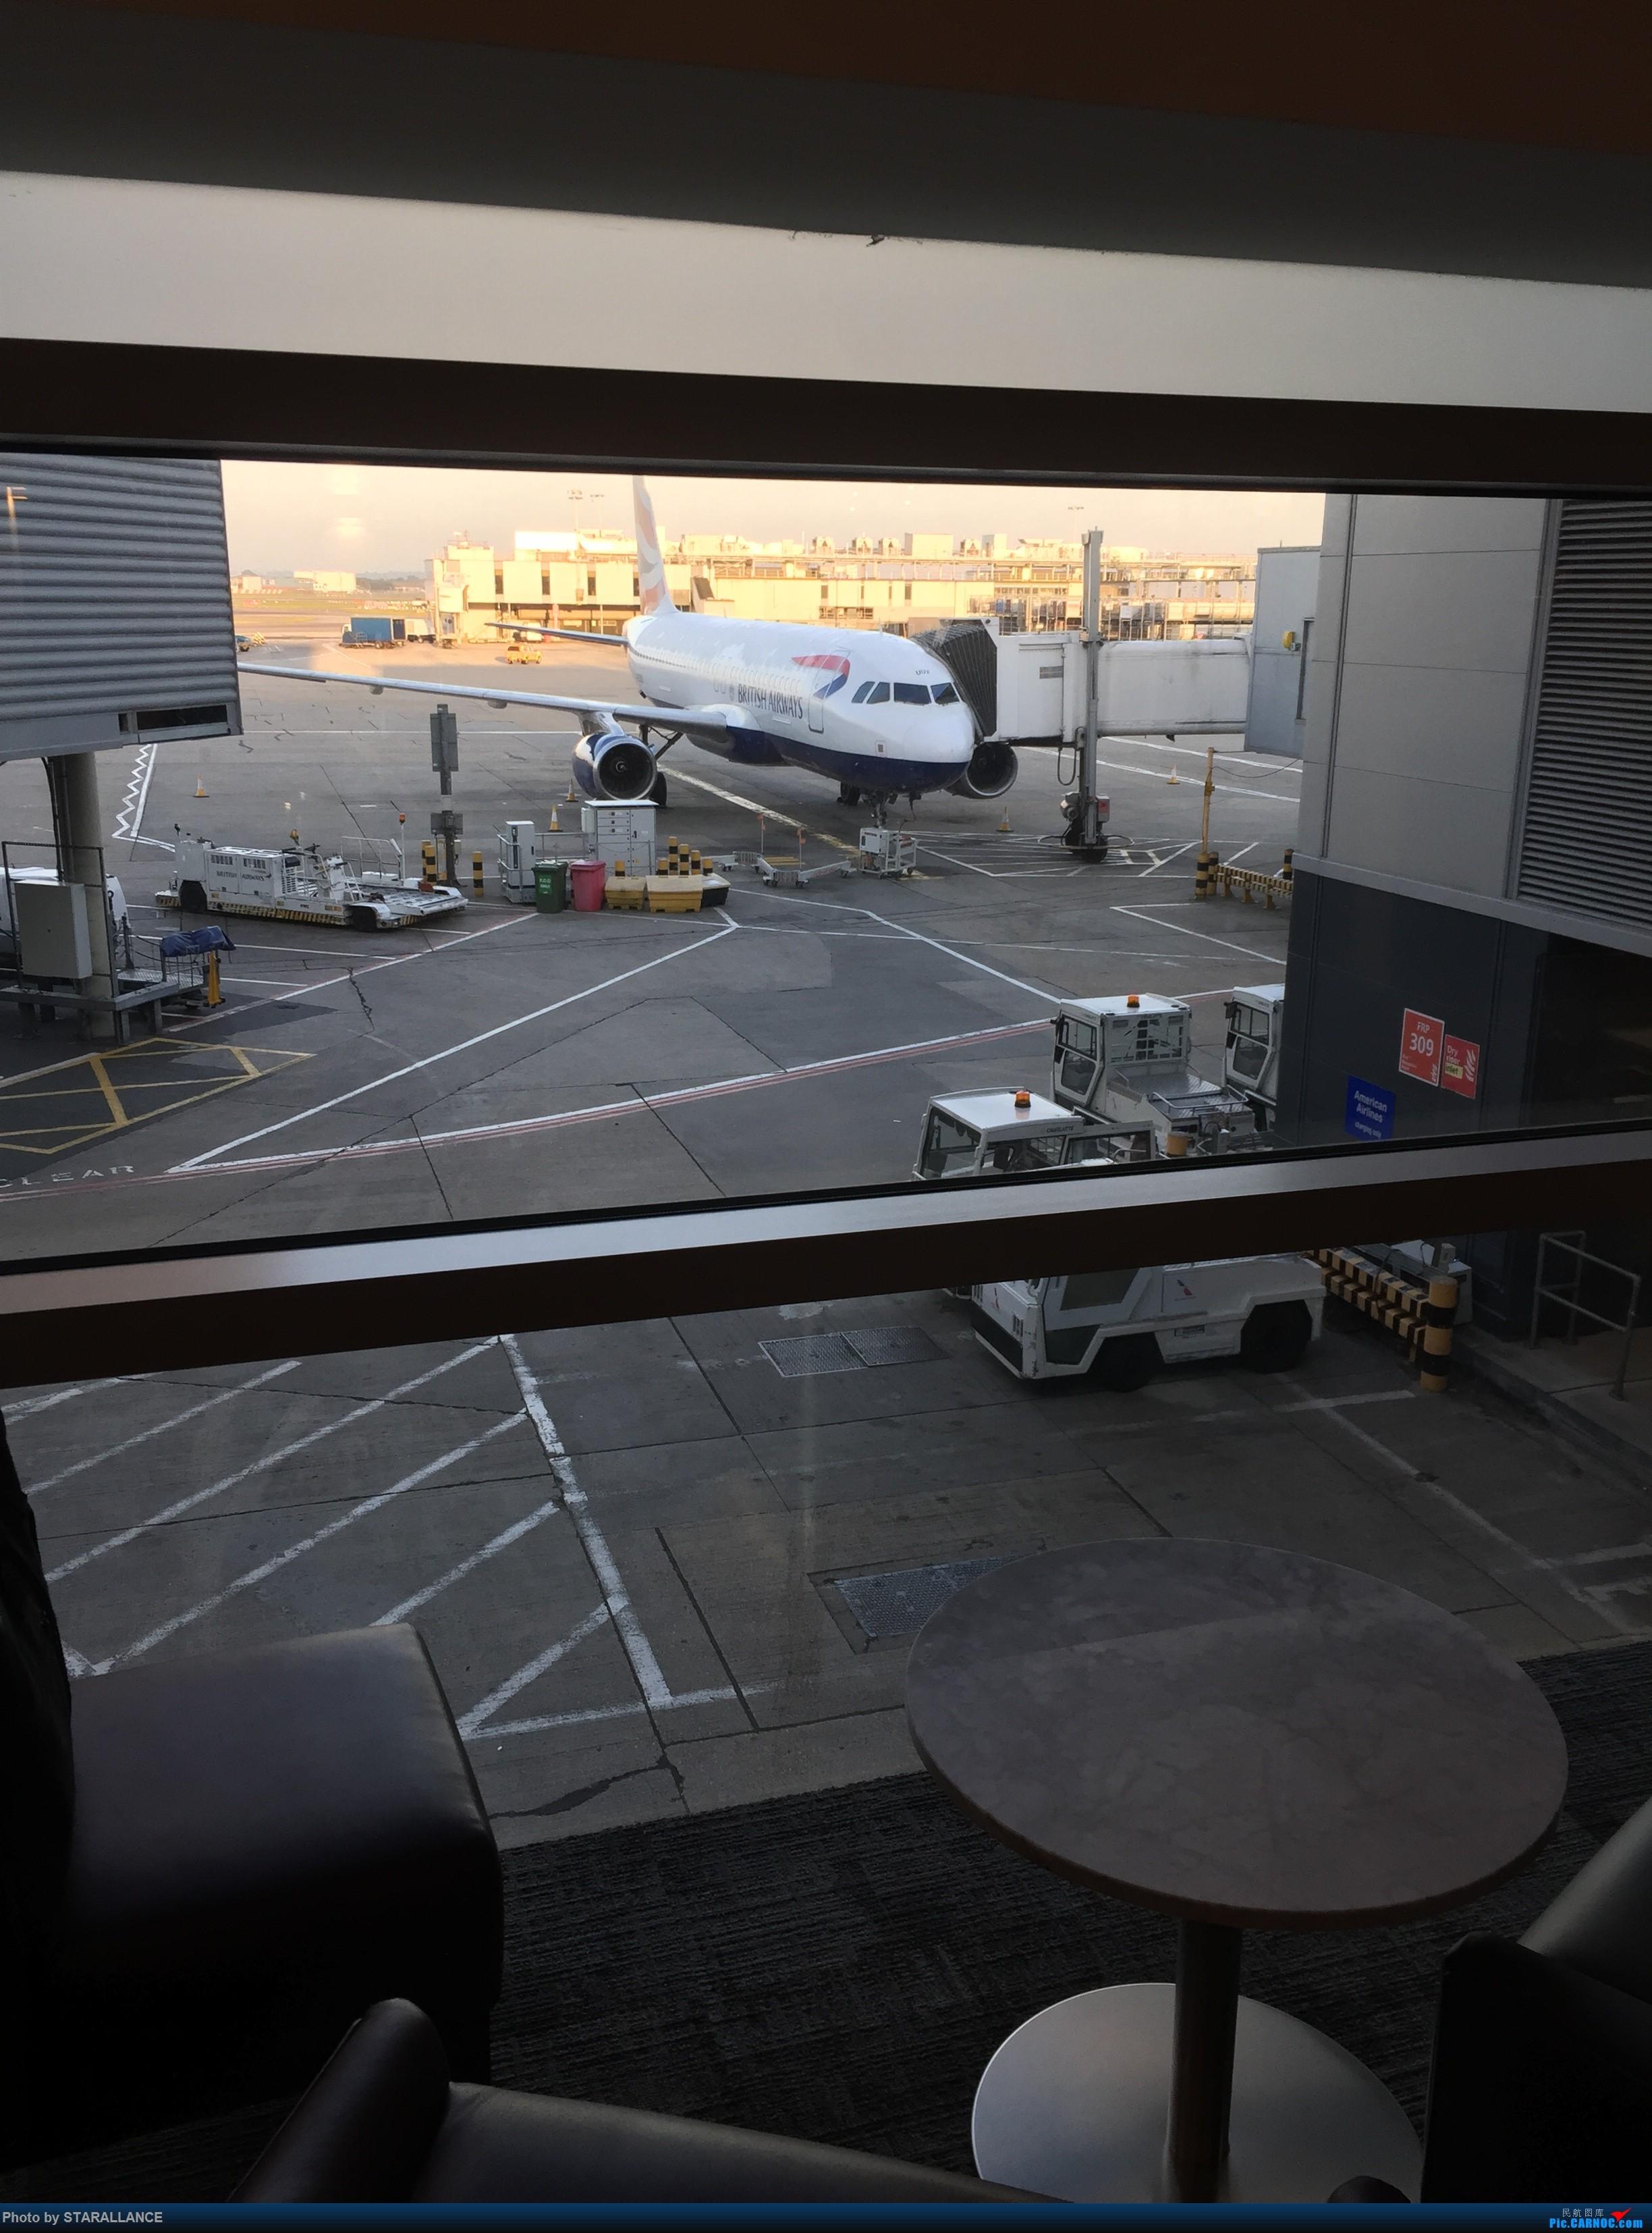 Re:A320 伦敦飞往赫尔辛基 附驾驶舱图